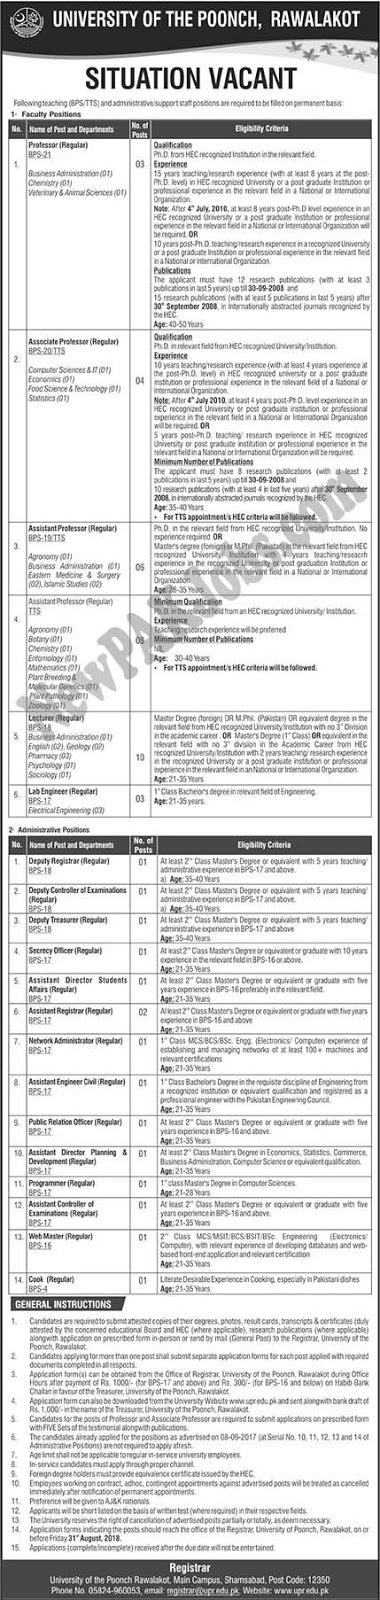 Jobs in University of Poonch Rawalakot (2018) Govt Vacancies